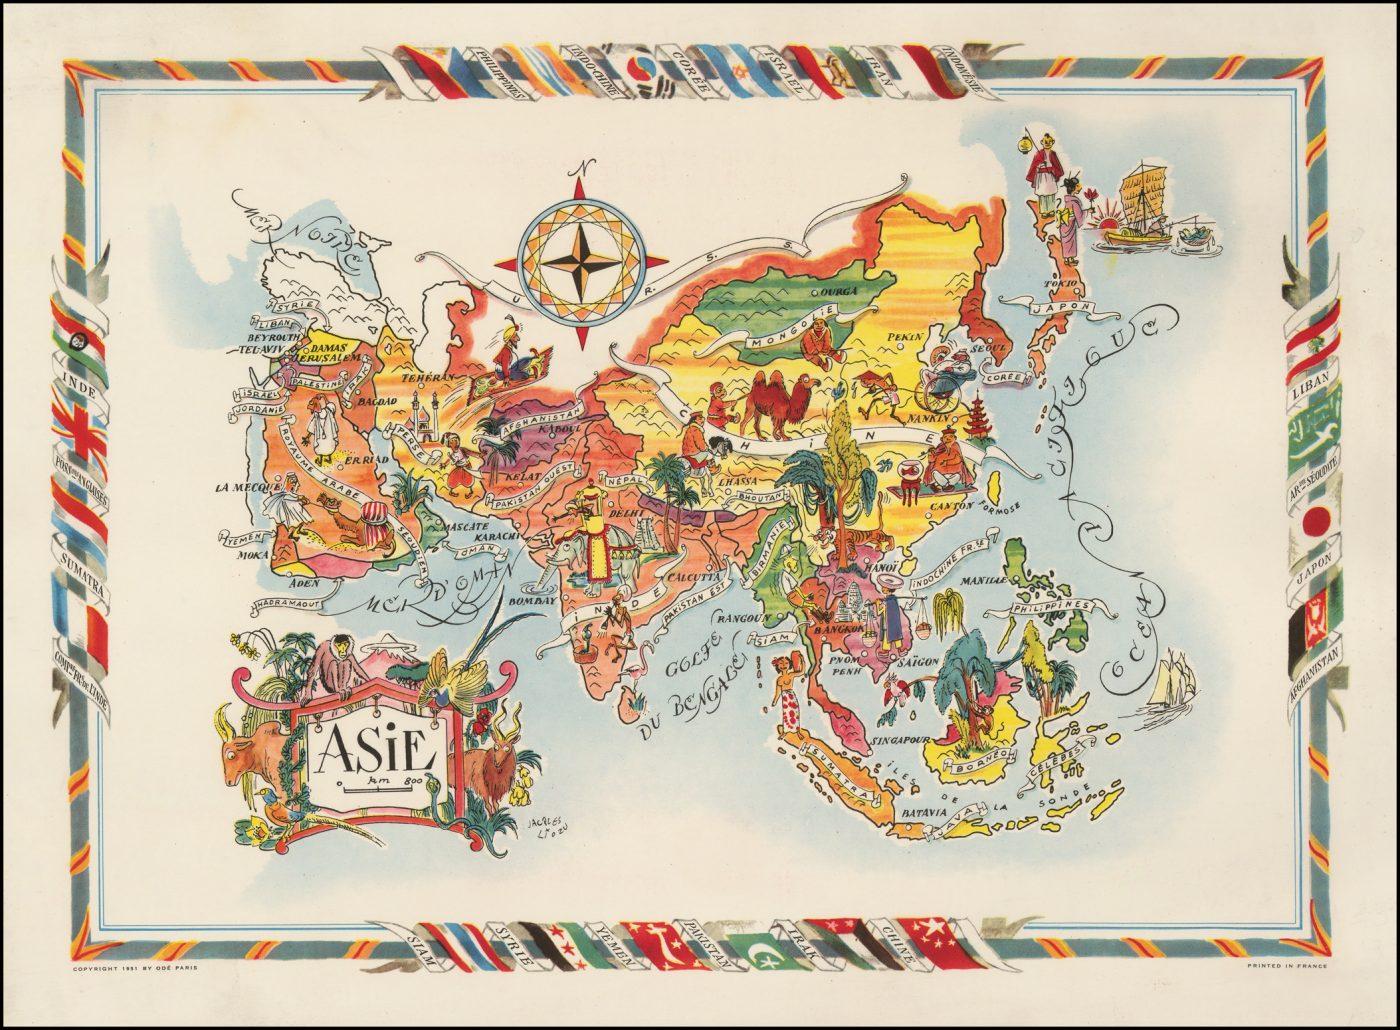 Оригинальная карта Азии работы Лиозу, сделанная в 1951 году